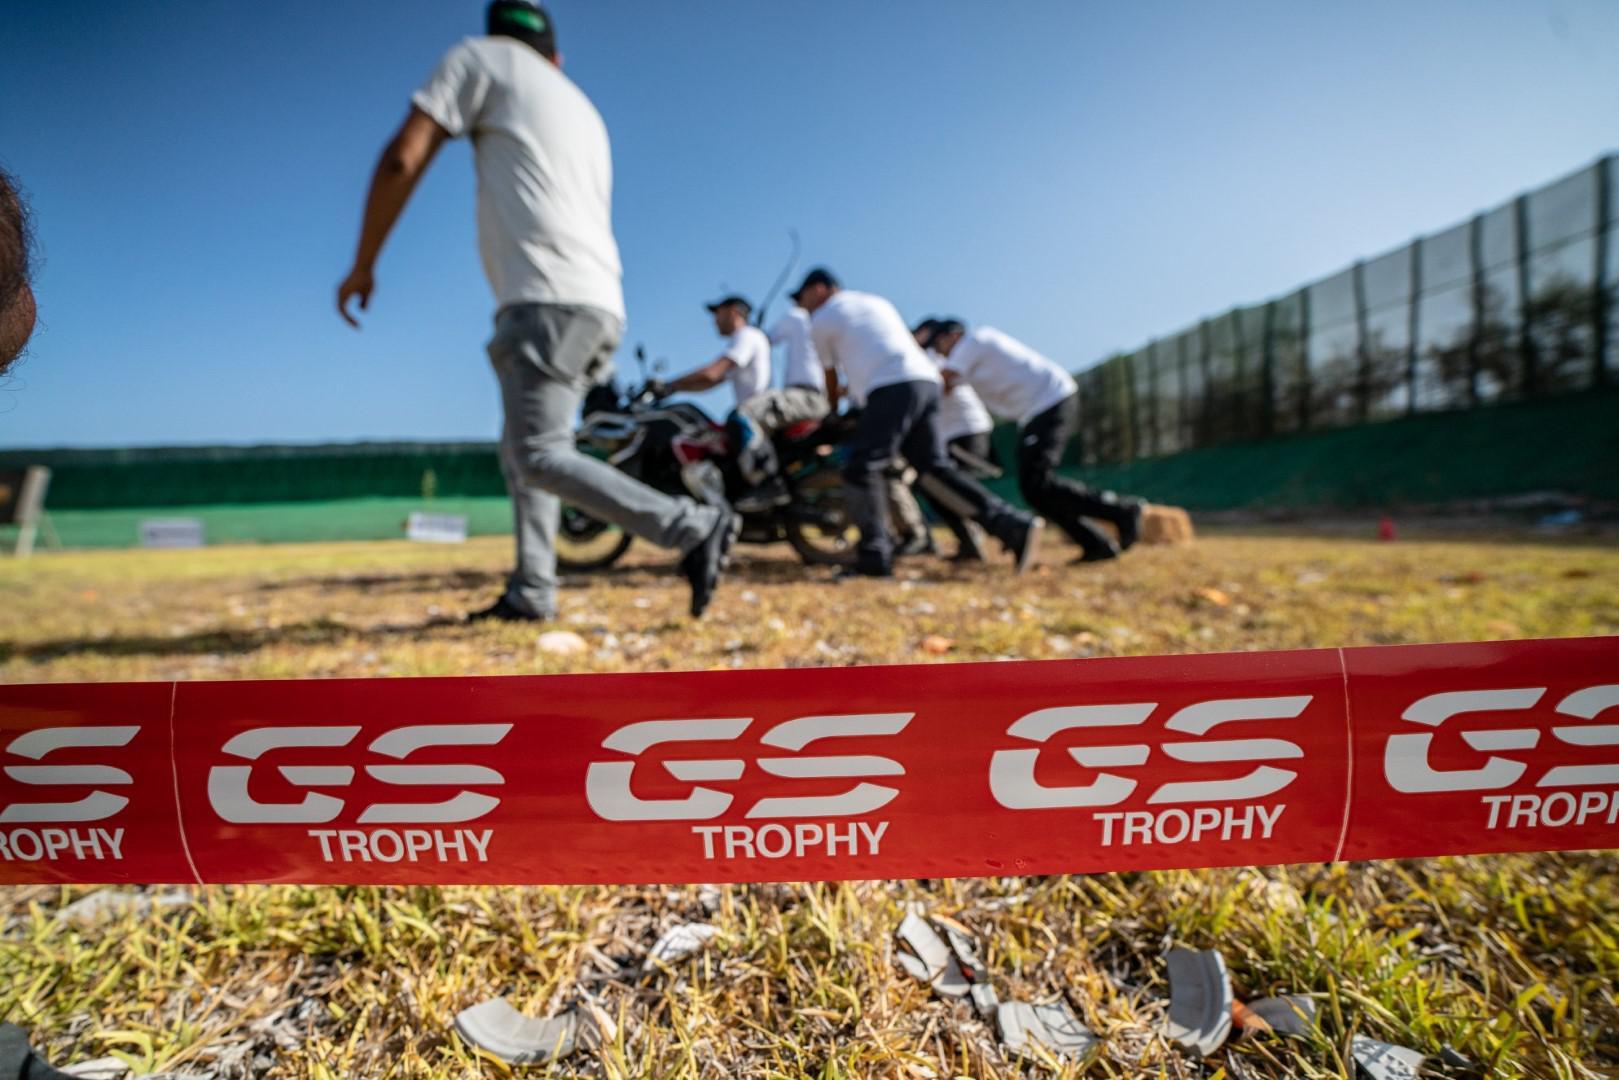 1ere-edition-reussi-du-gs-trophy-afrique-du-nord-1122-8.jpg